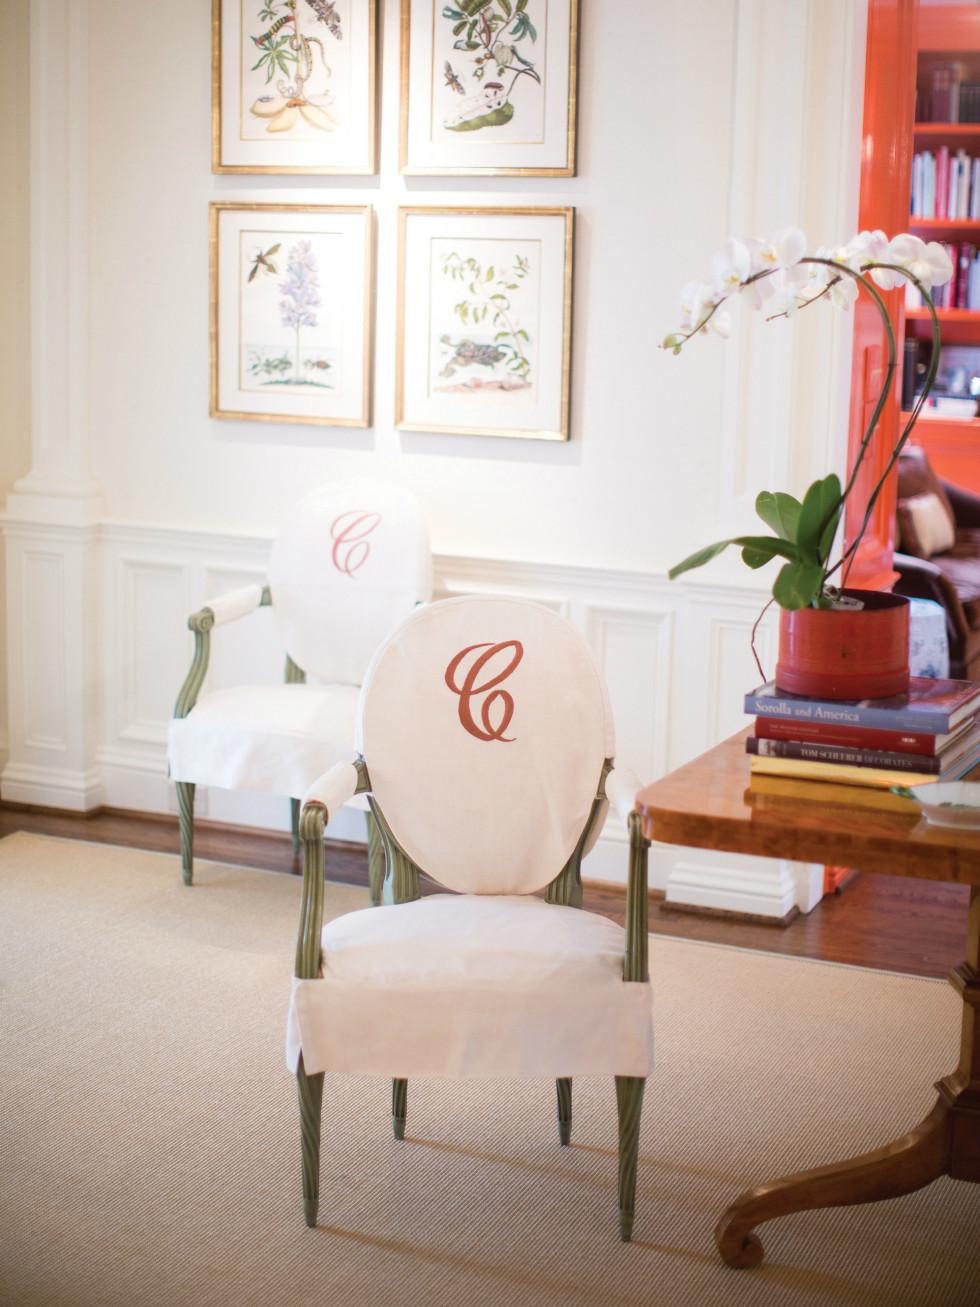 Monogrammed chair slip cover